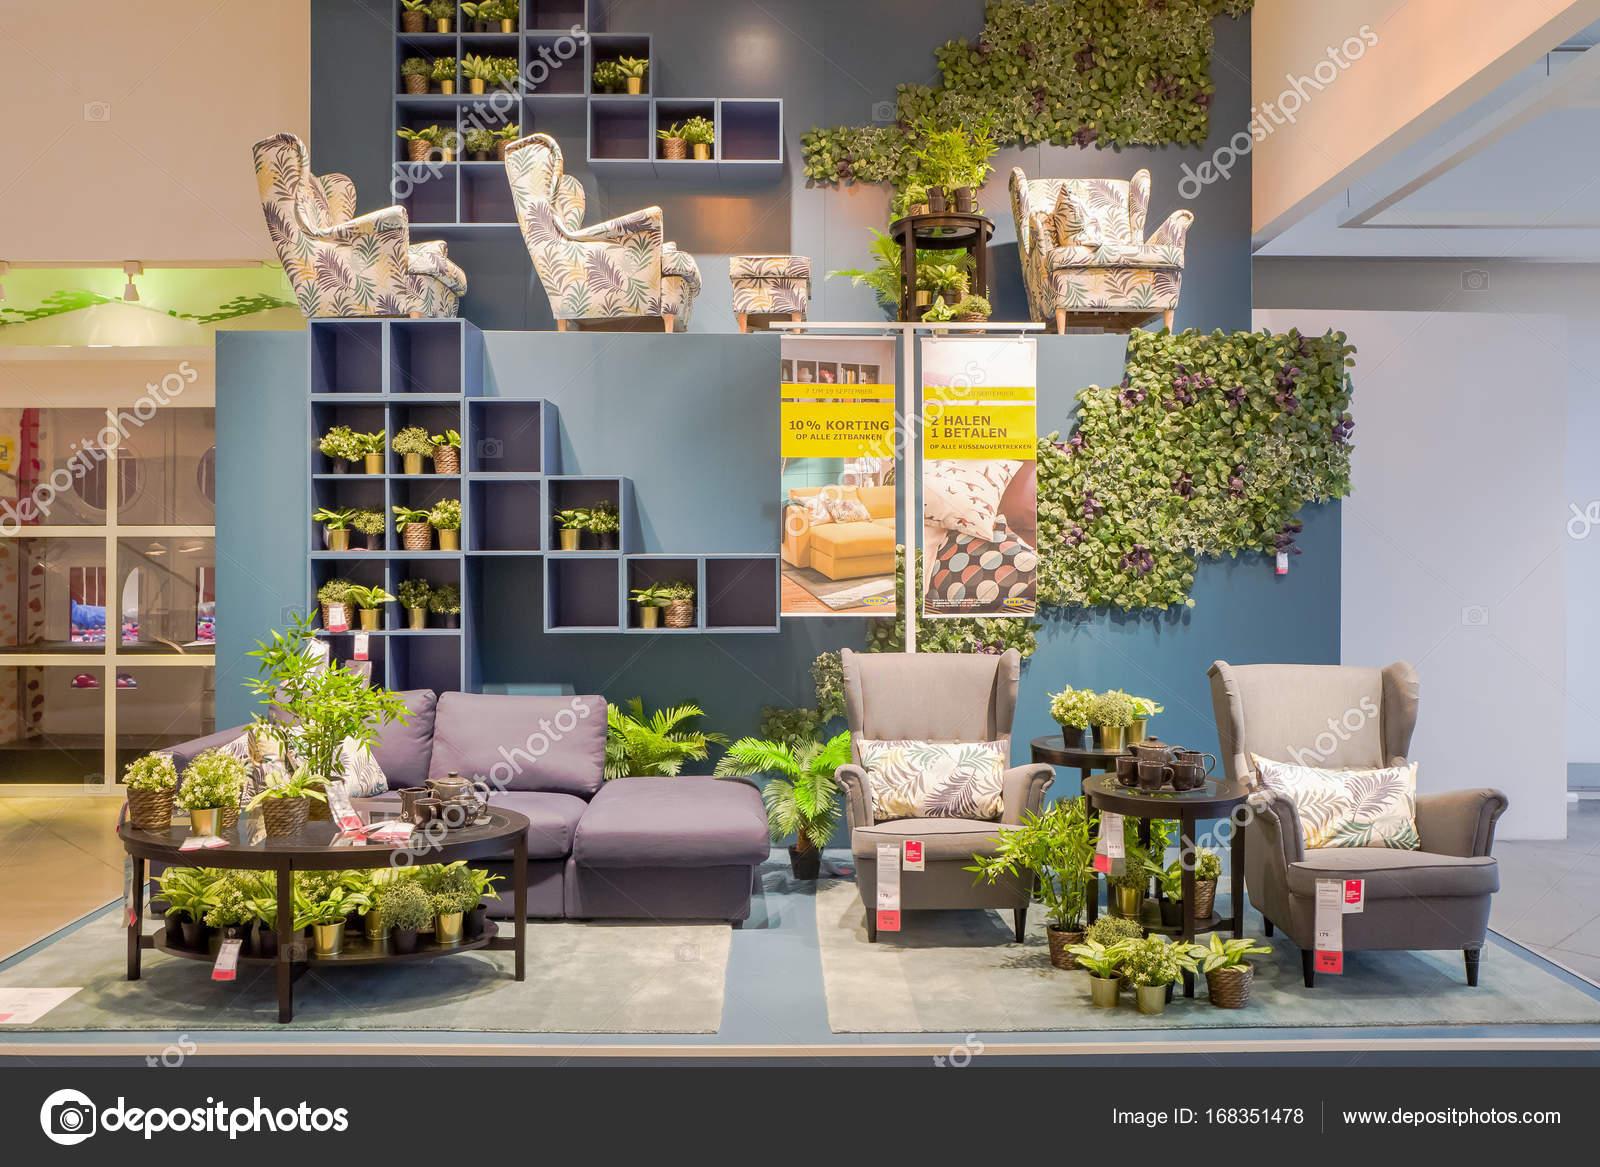 Магазин ikea в delft в Нидерландах u2013 Стоковое редакционное фото